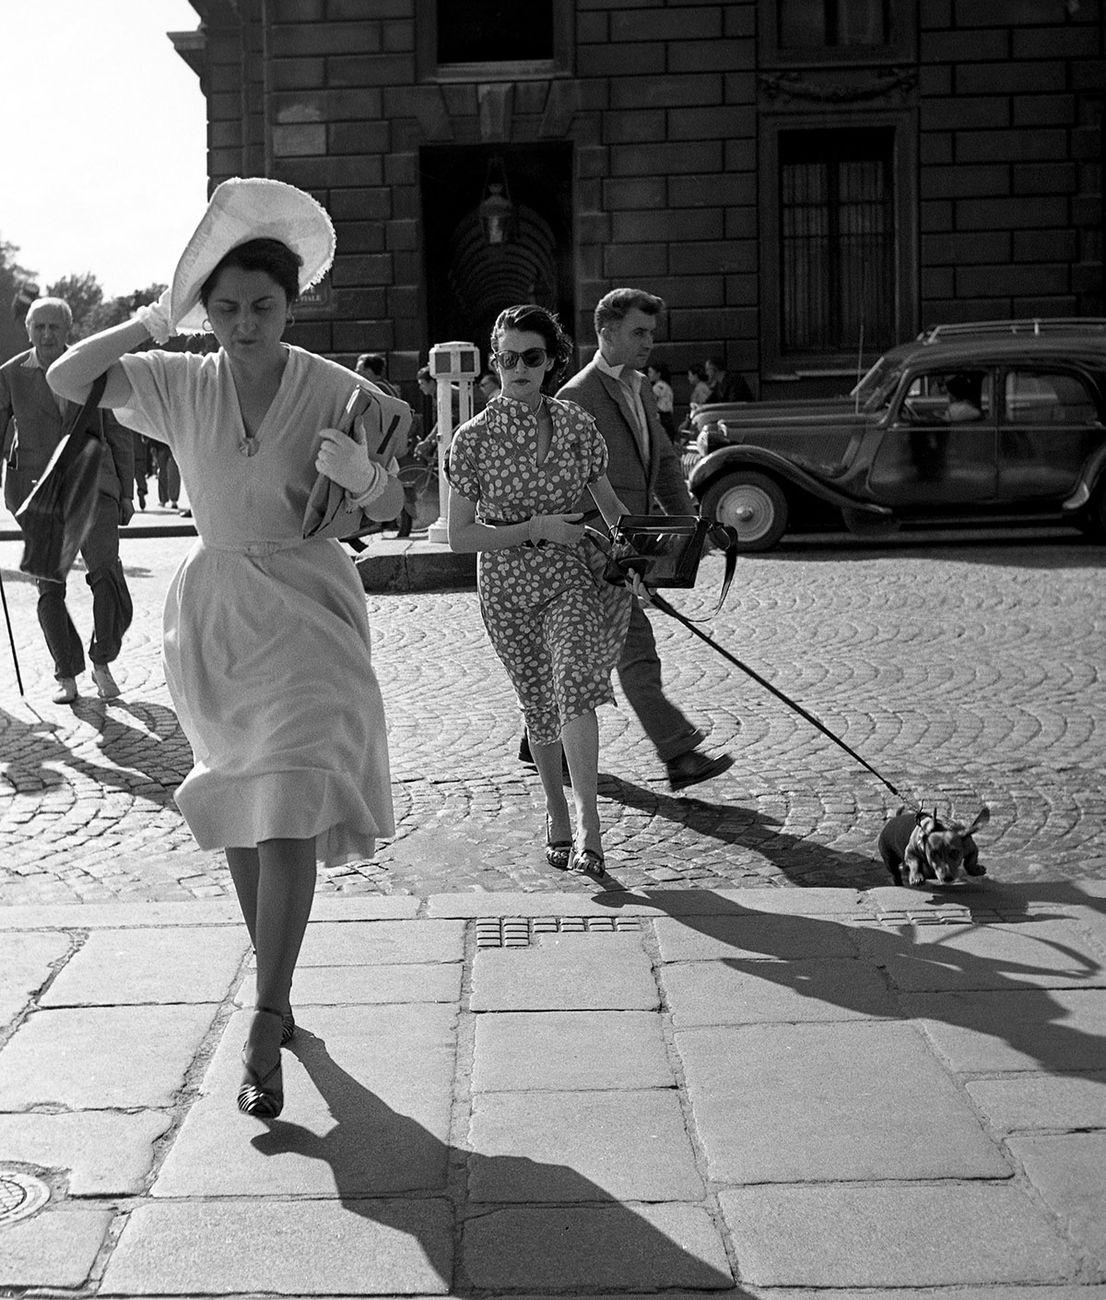 Robert Doisneau, Vent rue Royale, Paris, 1950 © Robert Doisneau – Gamma Rapho